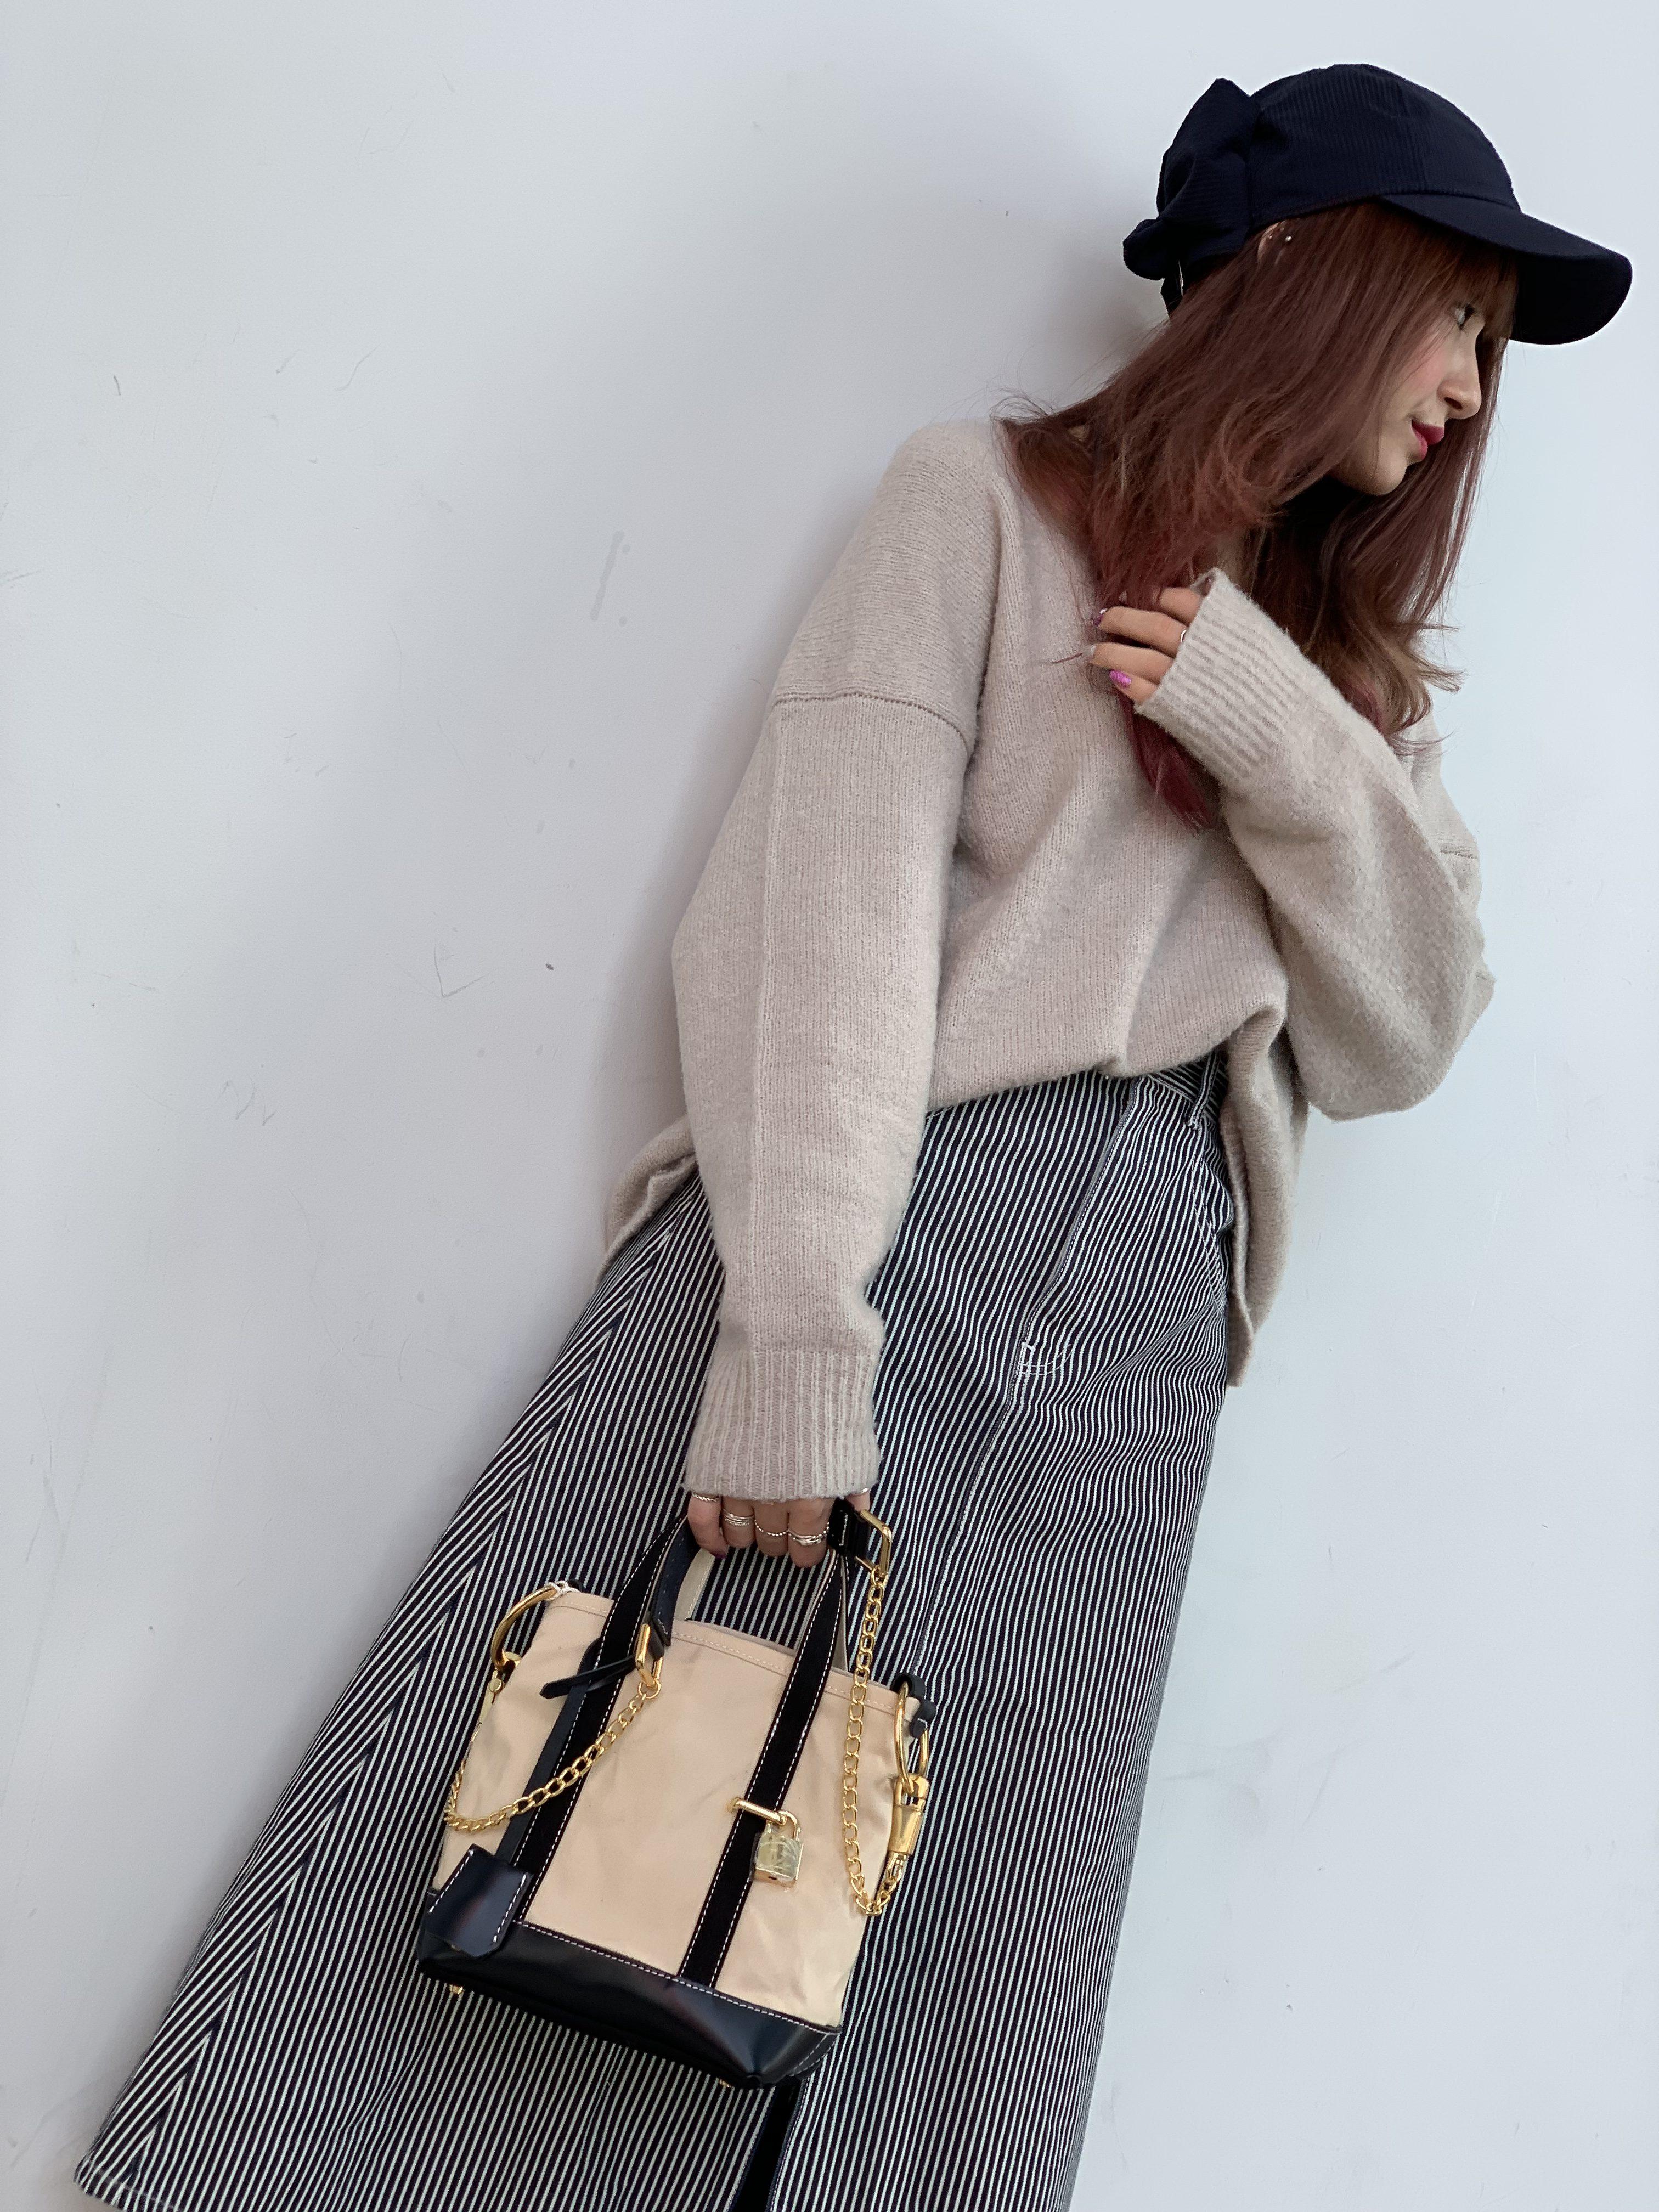 スクラップブック 渋谷 ヒカリエ アトネック atneK bag バッグ ショルダーバッグ ショルダー 小さめバッグ 小ぶり 帆布 キャンバスバッグ